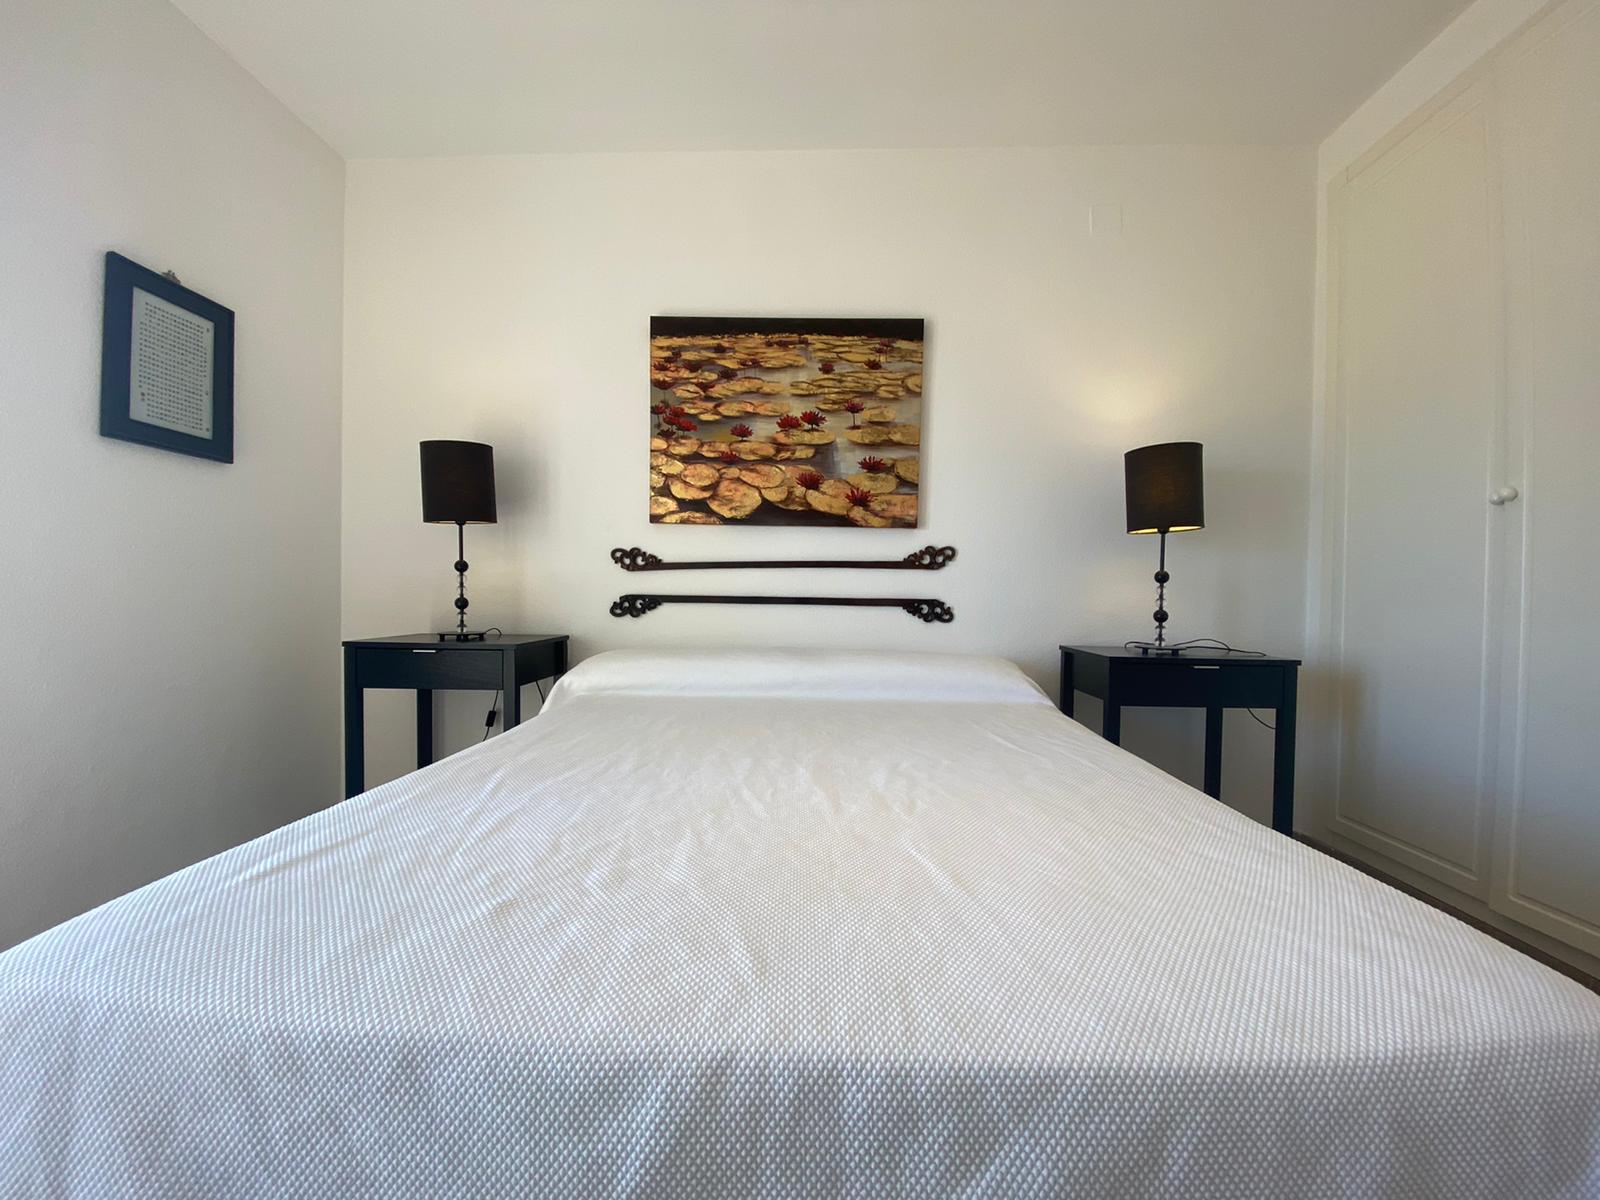 Imagen 26 del Apartamento Turístico, Ático 3 Levante, Frontal (4d+2b), Punta del Moral (HUELVA), Paseo de la Cruz nº22